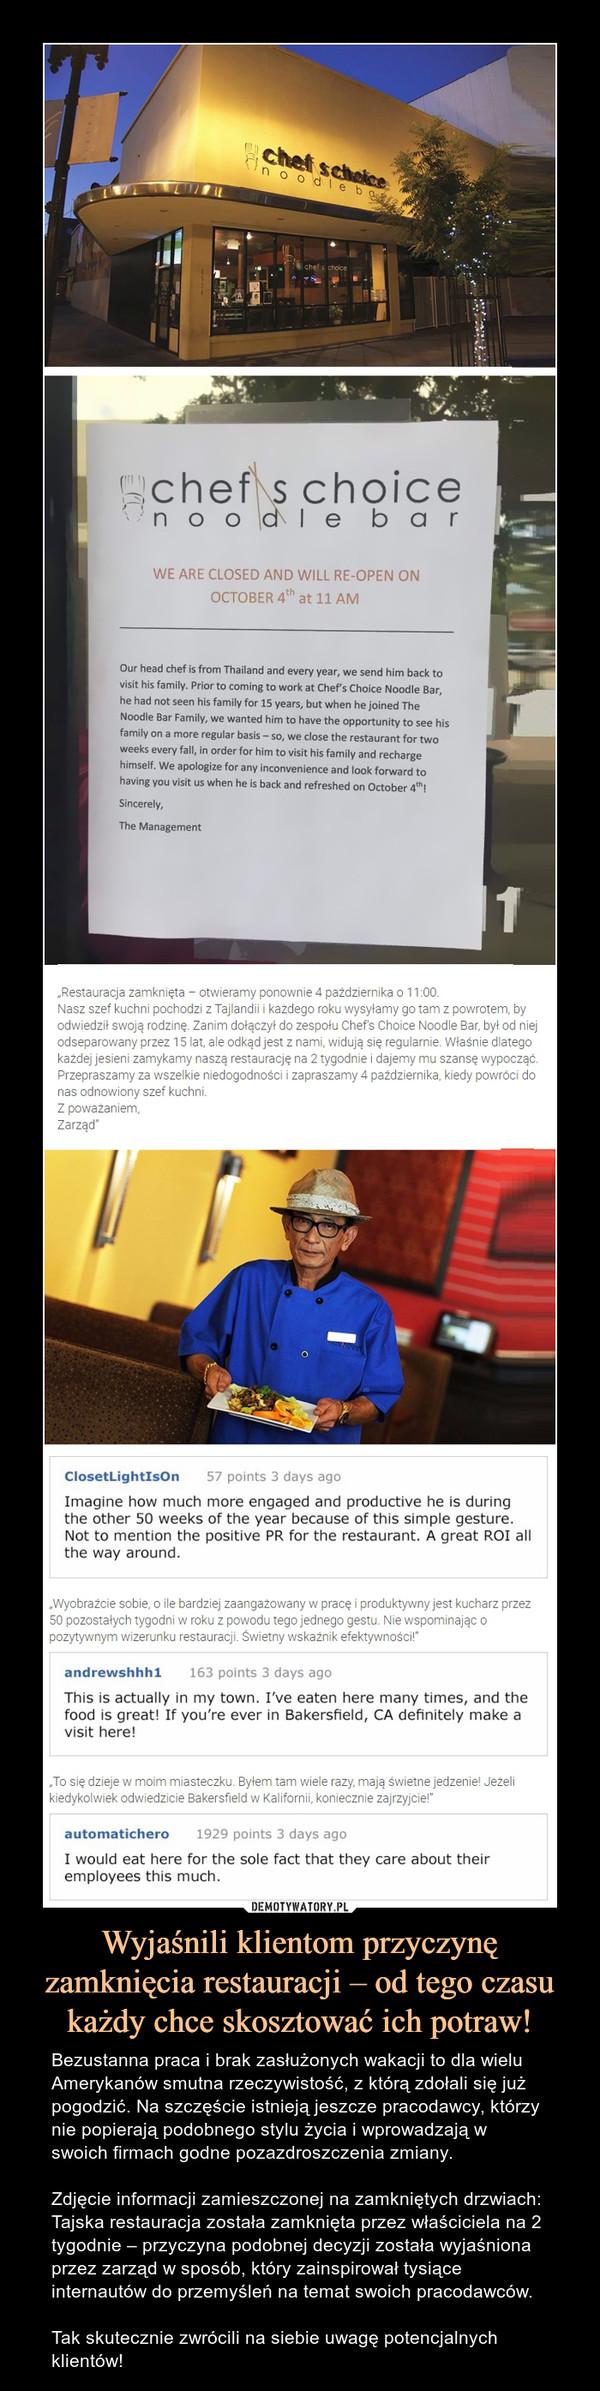 Wyjaśnili klientom przyczynę zamknięcia restauracji – od tego czasu każdy chce skosztować ich potraw! – Bezustanna praca i brak zasłużonych wakacji to dla wielu Amerykanów smutna rzeczywistość, z którą zdołali się już pogodzić. Na szczęście istnieją jeszcze pracodawcy, którzy nie popierają podobnego stylu życia i wprowadzają w swoich firmach godne pozazdroszczenia zmiany. Zdjęcie informacji zamieszczonej na zamkniętych drzwiach:Tajska restauracja została zamknięta przez właściciela na 2 tygodnie – przyczyna podobnej decyzji została wyjaśniona przez zarząd w sposób, który zainspirował tysiące internautów do przemyśleń na temat swoich pracodawców.Tak skutecznie zwrócili na siebie uwagę potencjalnych klientów!